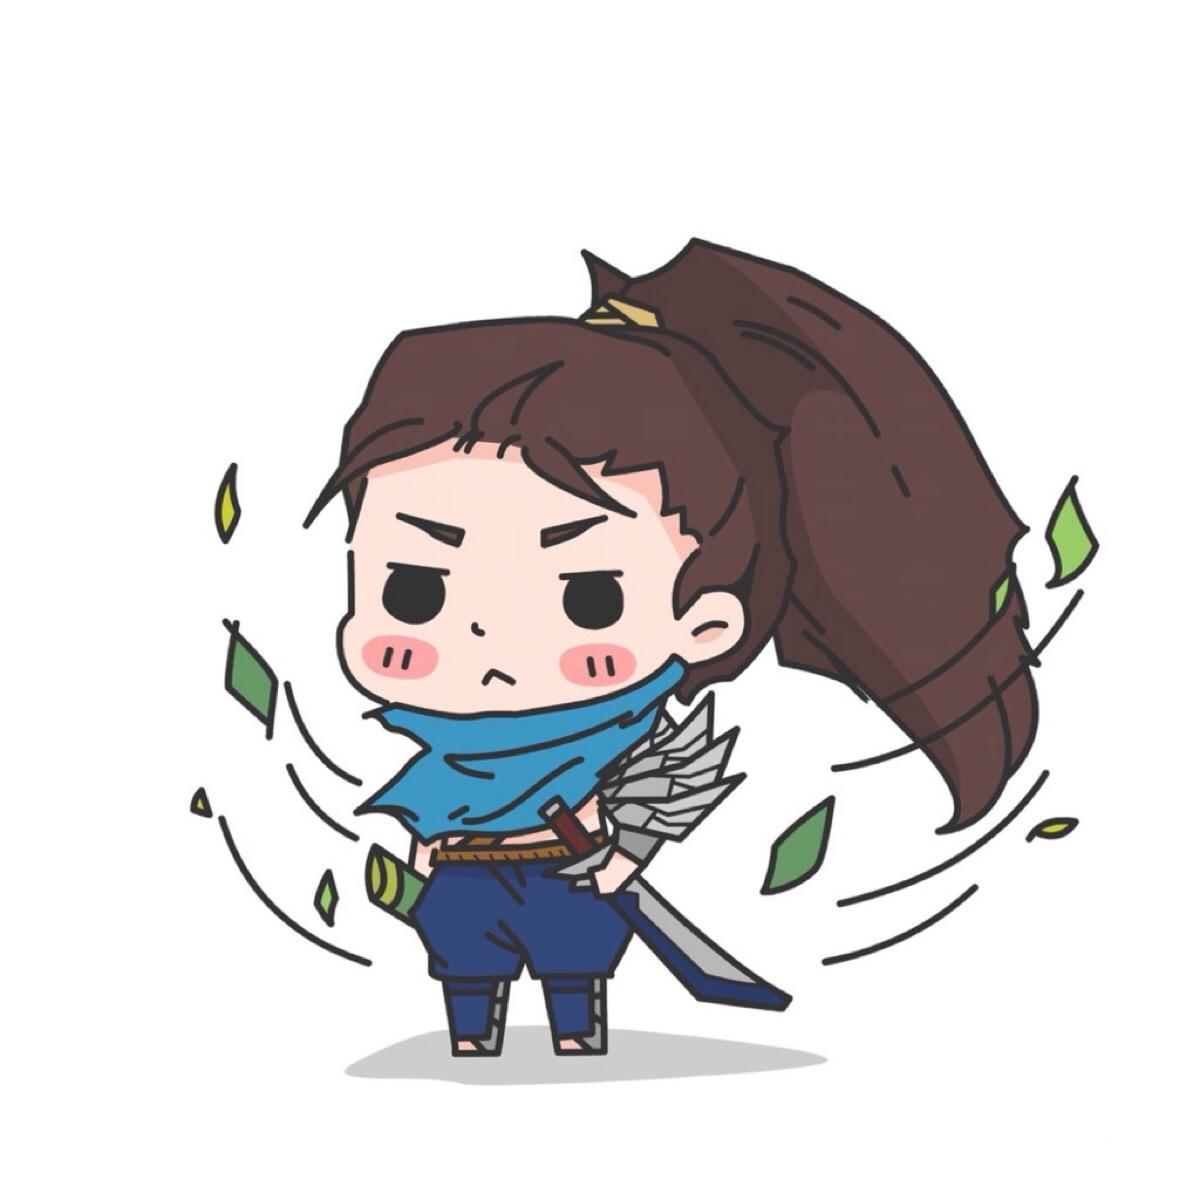 【英雄联盟】lol q版系列头像